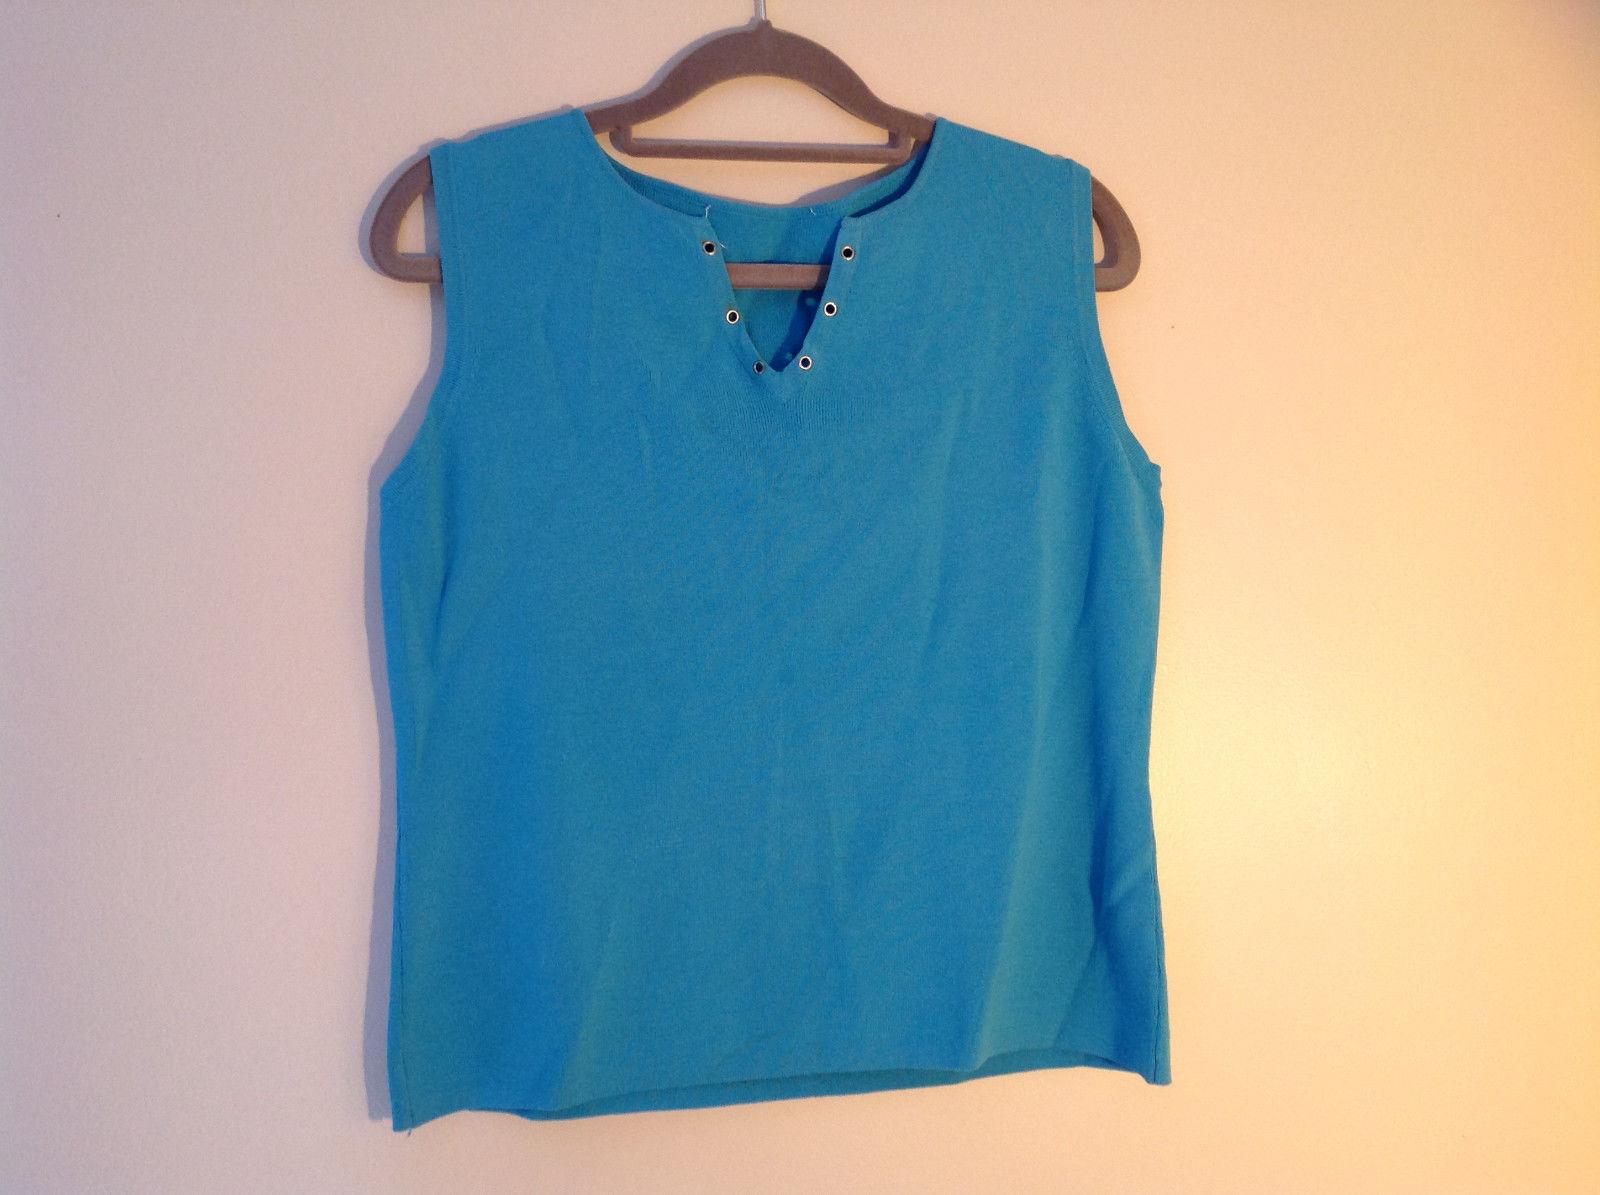 Blue V-neckline Tank Top Shirt Eyelet Detail at V of Neckline  NO TAG Size Large